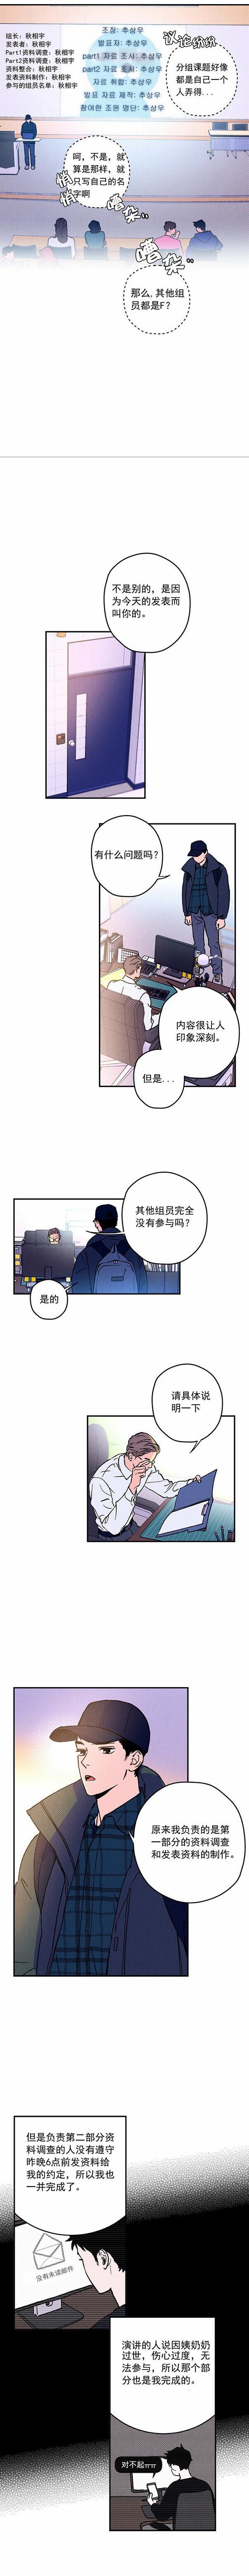 韩国漫画校草是我死对头